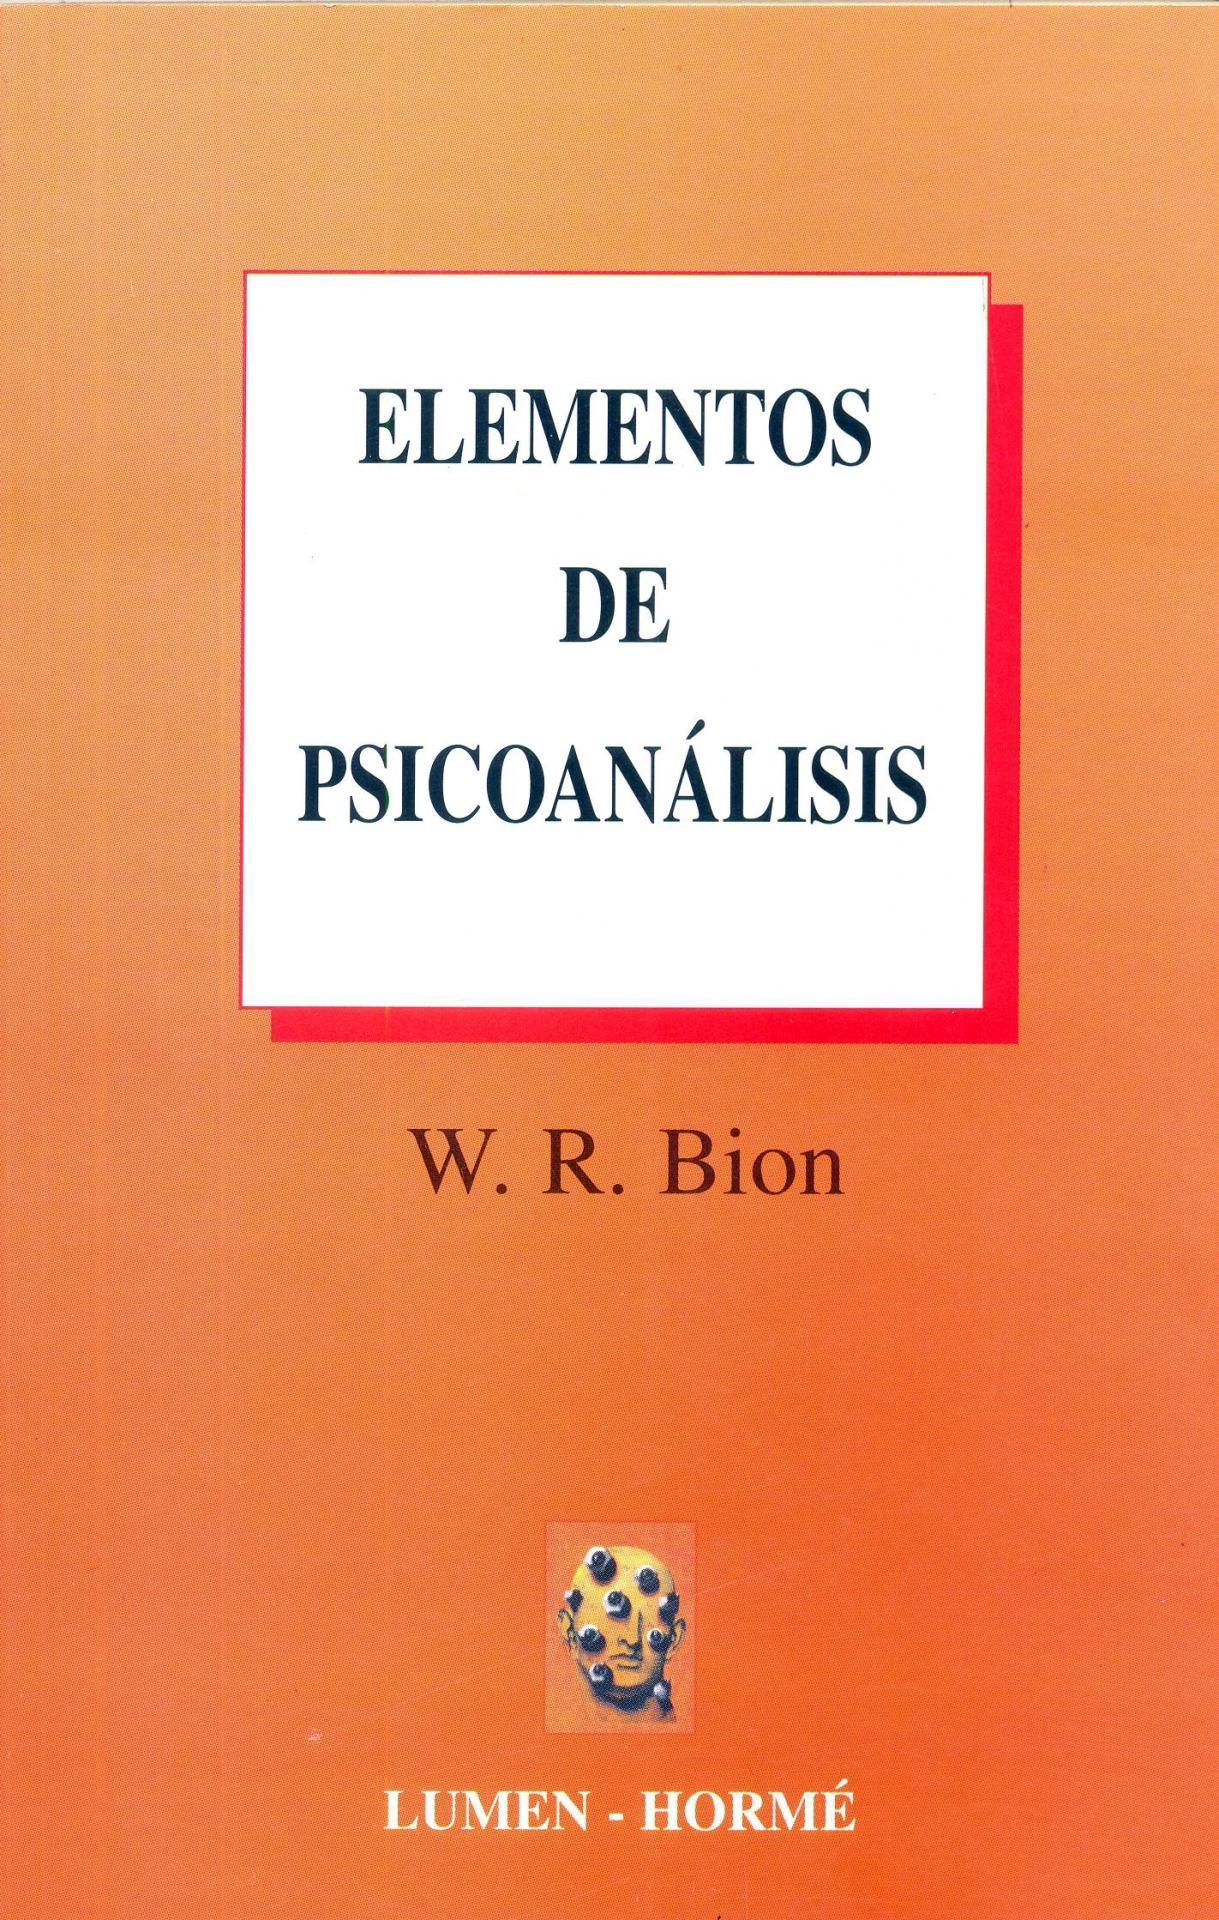 ELEMENTOS DE PSICOANÁLISIS. Bion, W.R